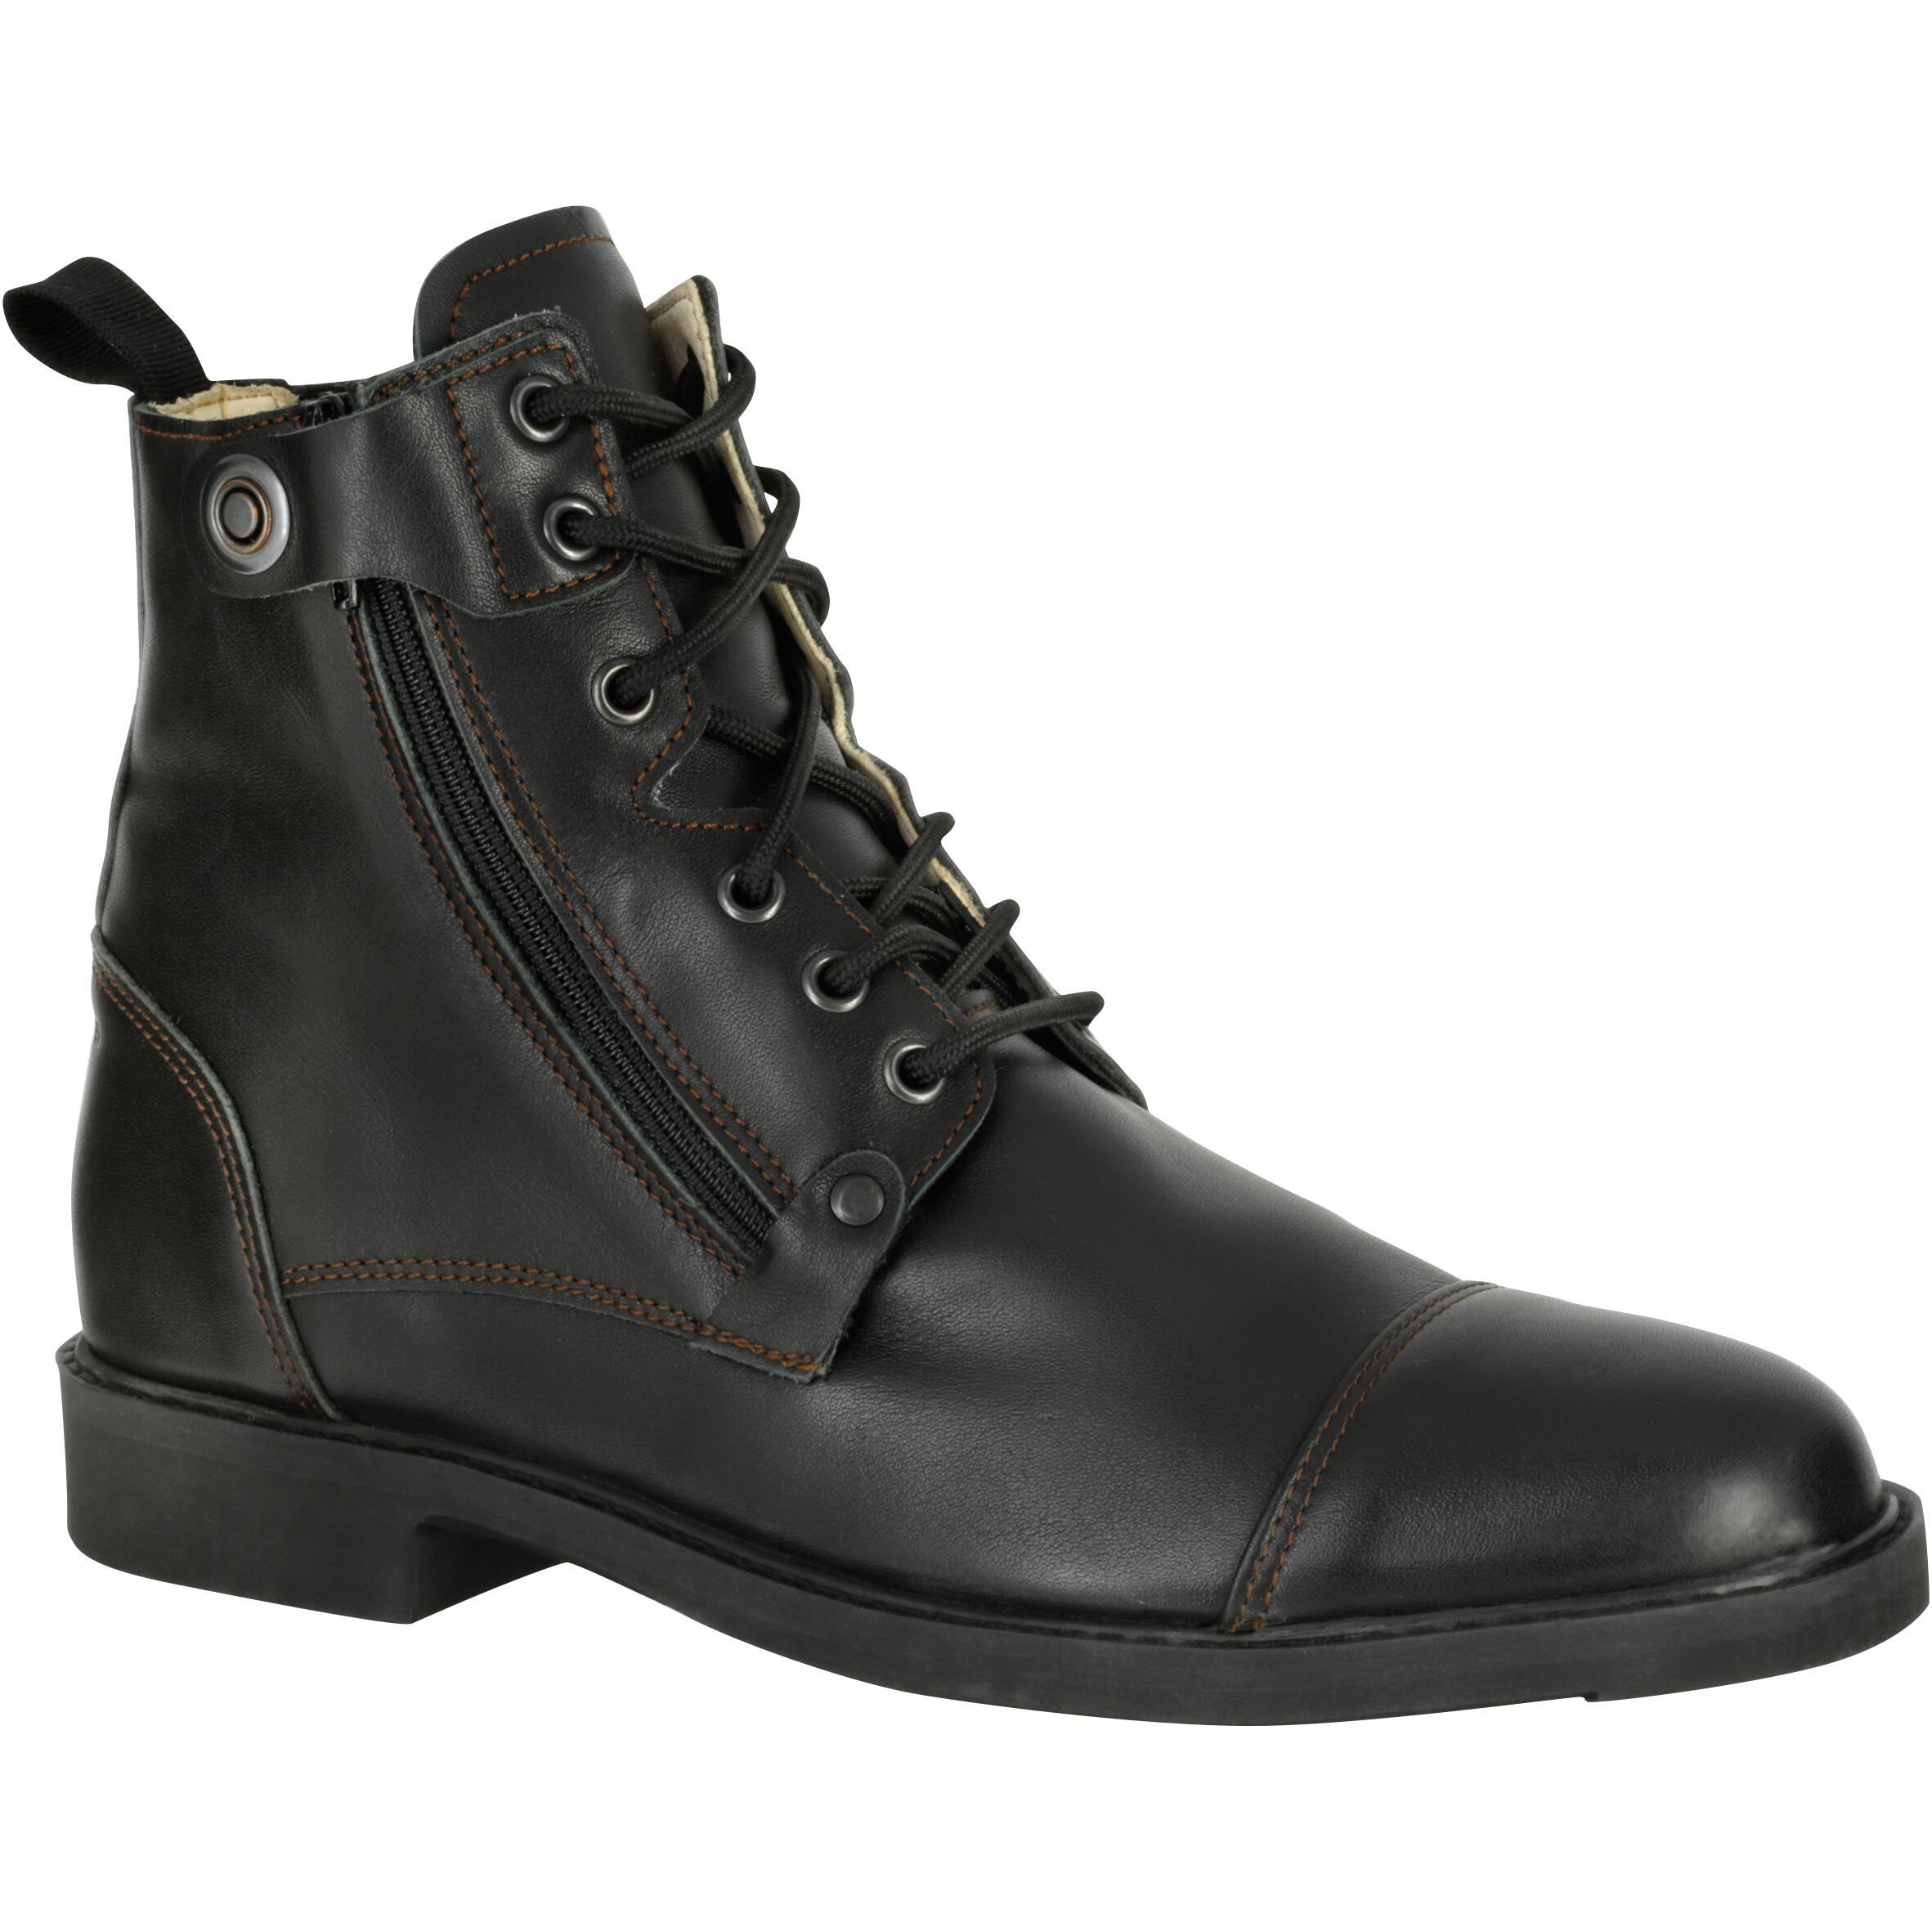 Reitstiefeletten Training 700 geschnürt Leder Erwachsene schwarz | Schuhe > Sportschuhe > Reitstiefel | Schwarz | Leder | Fouganza